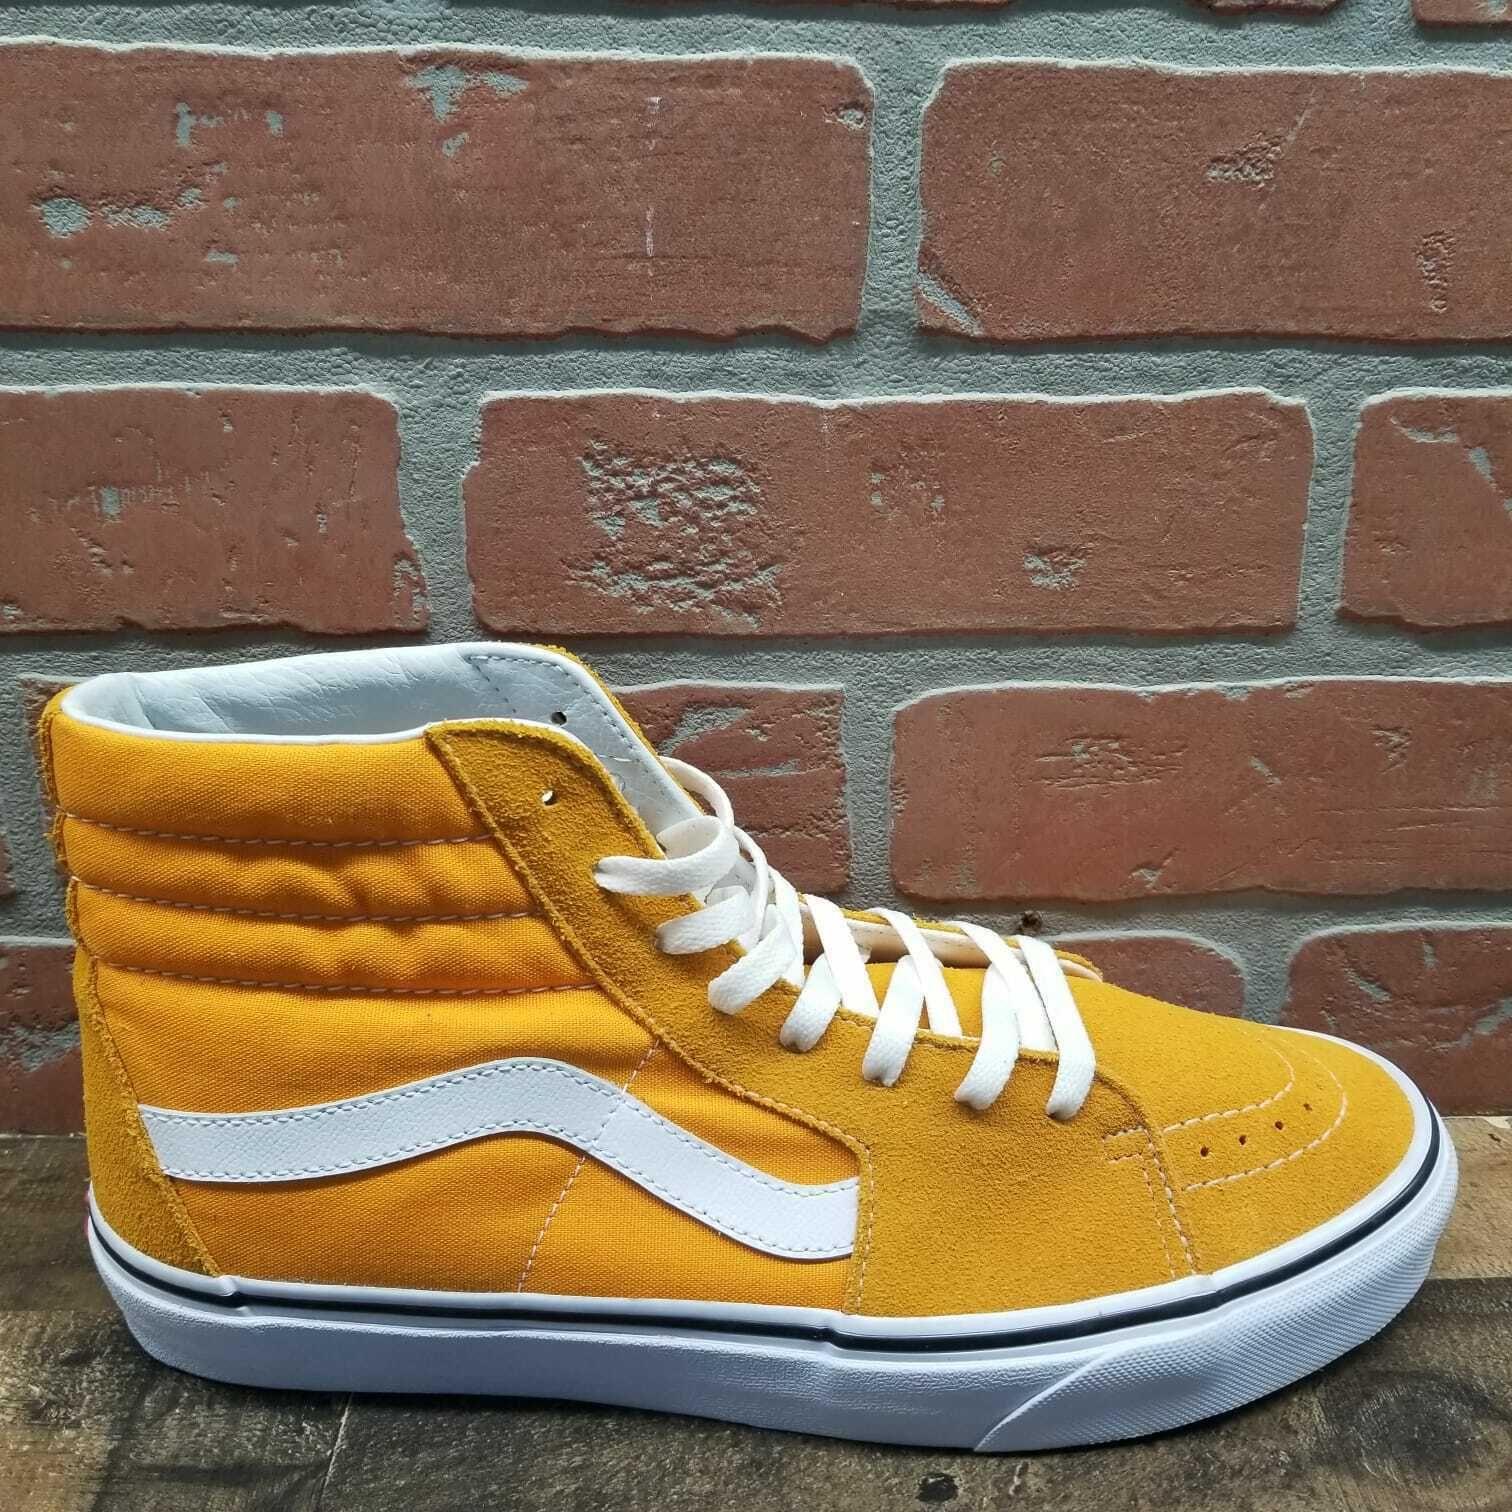 Vans Sk8-Hi Cheddar \u0026 White Skate Shoes